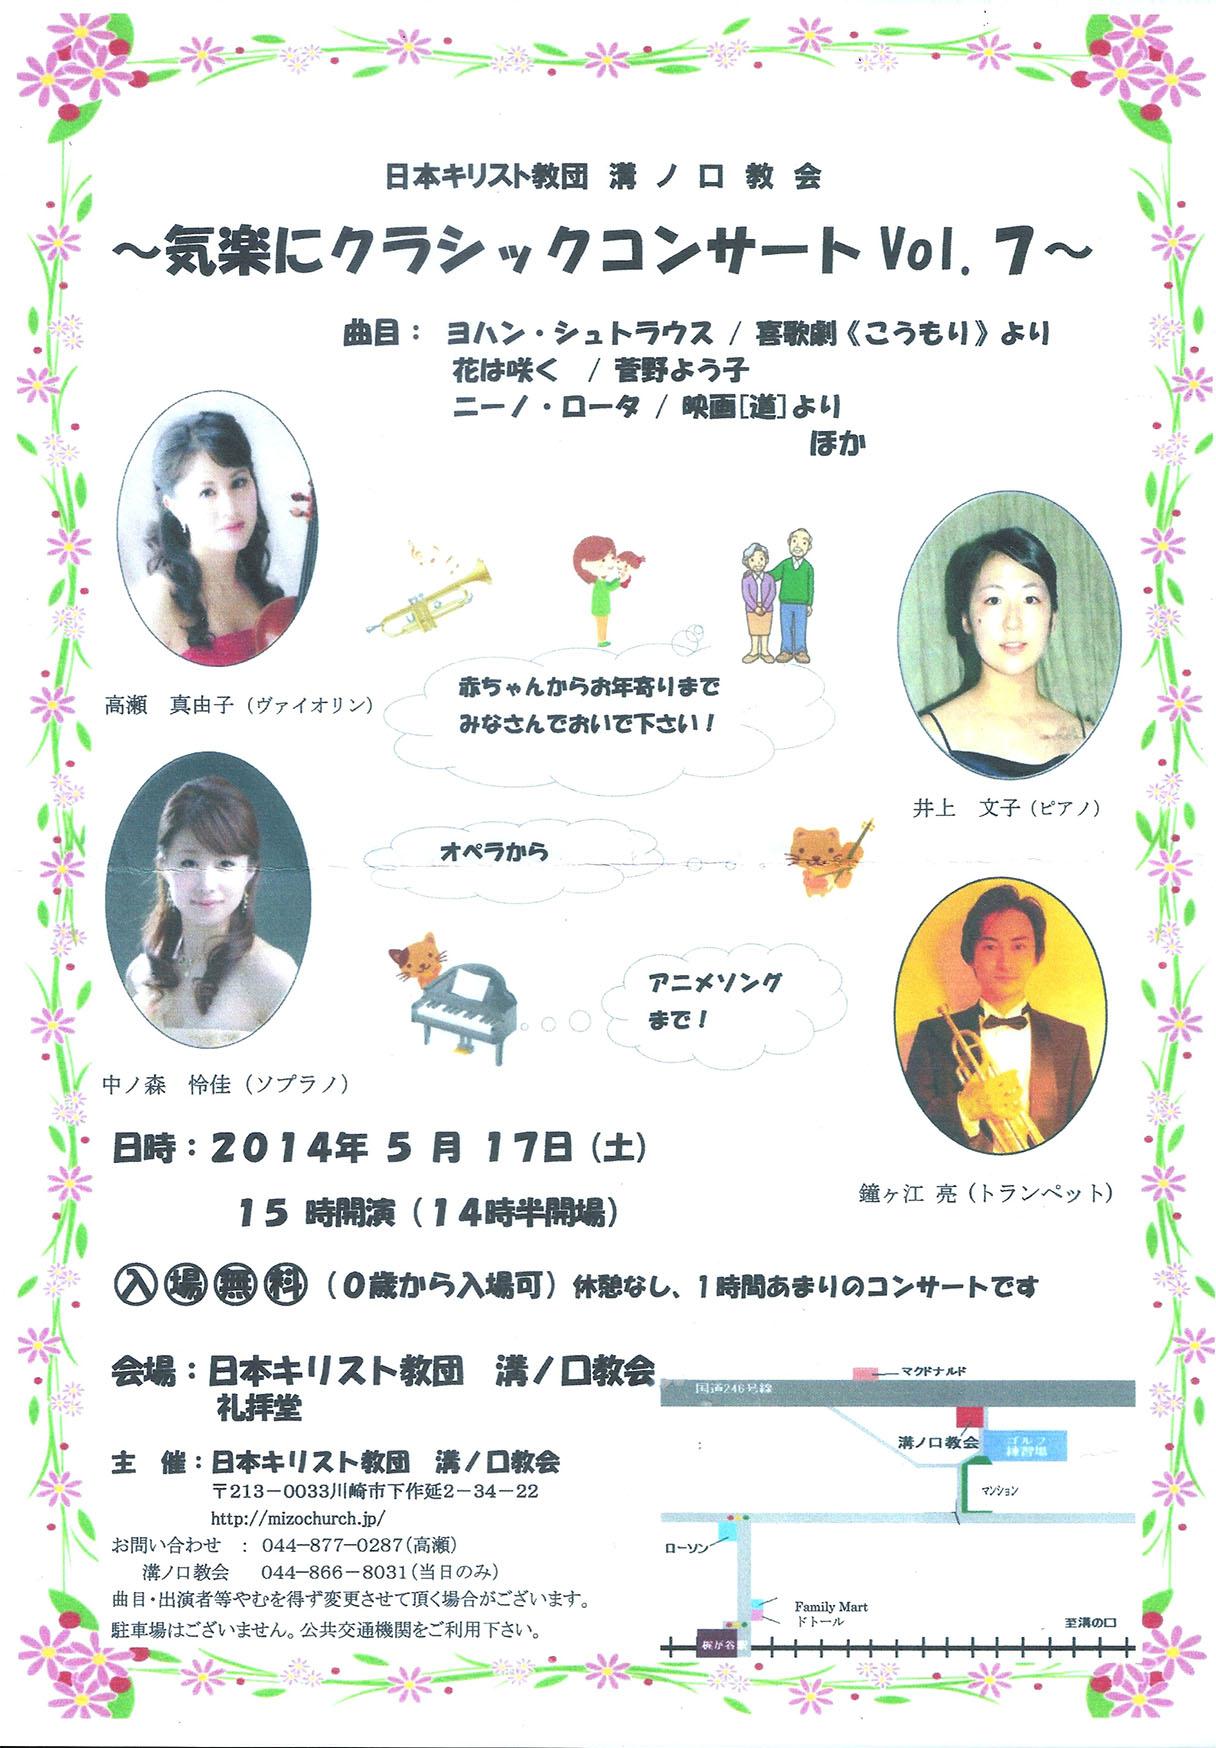 【今週末!!5/17(土)15時から】気楽にクラシックコンサートVol.7が開催されます_f0068022_1657385.jpg